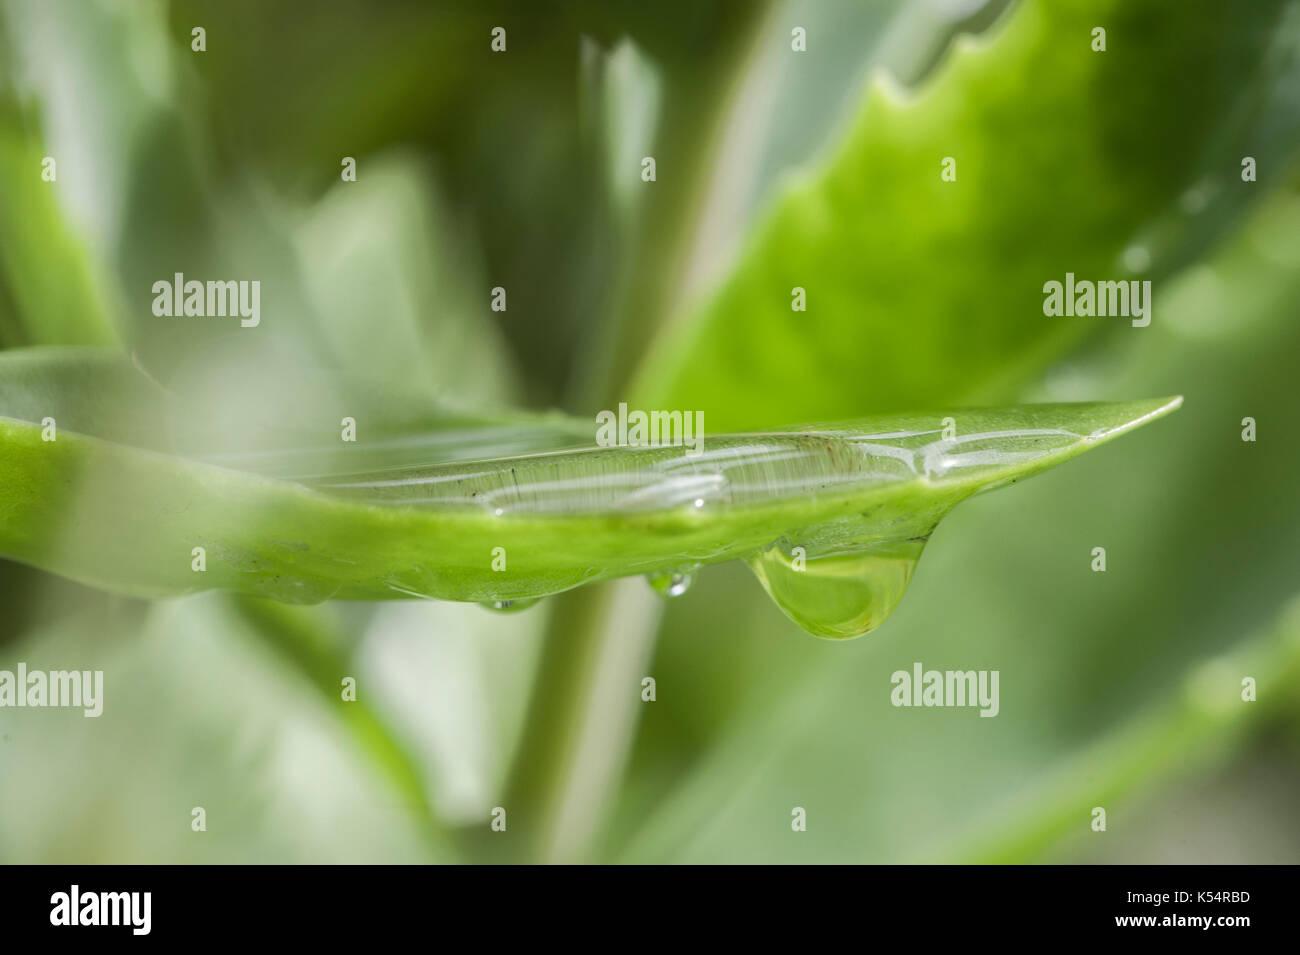 La tensión superficial, ampliación y refracción. gotas de agua sobre las hojas. Imagen De Stock